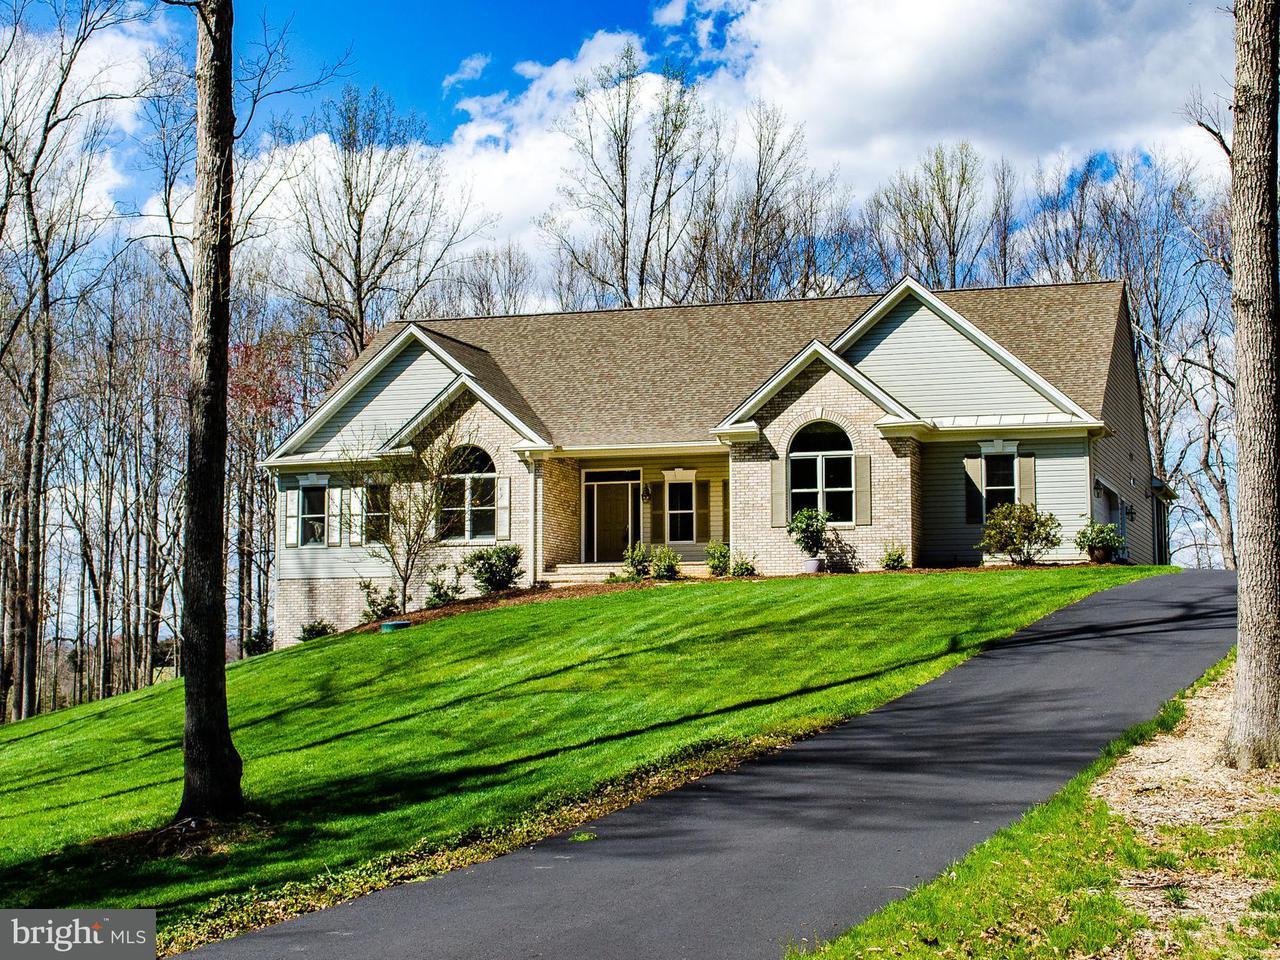 단독 가정 주택 용 매매 에 7331 Covington Home Place 7331 Covington Home Place Culpeper, 버지니아 22701 미국